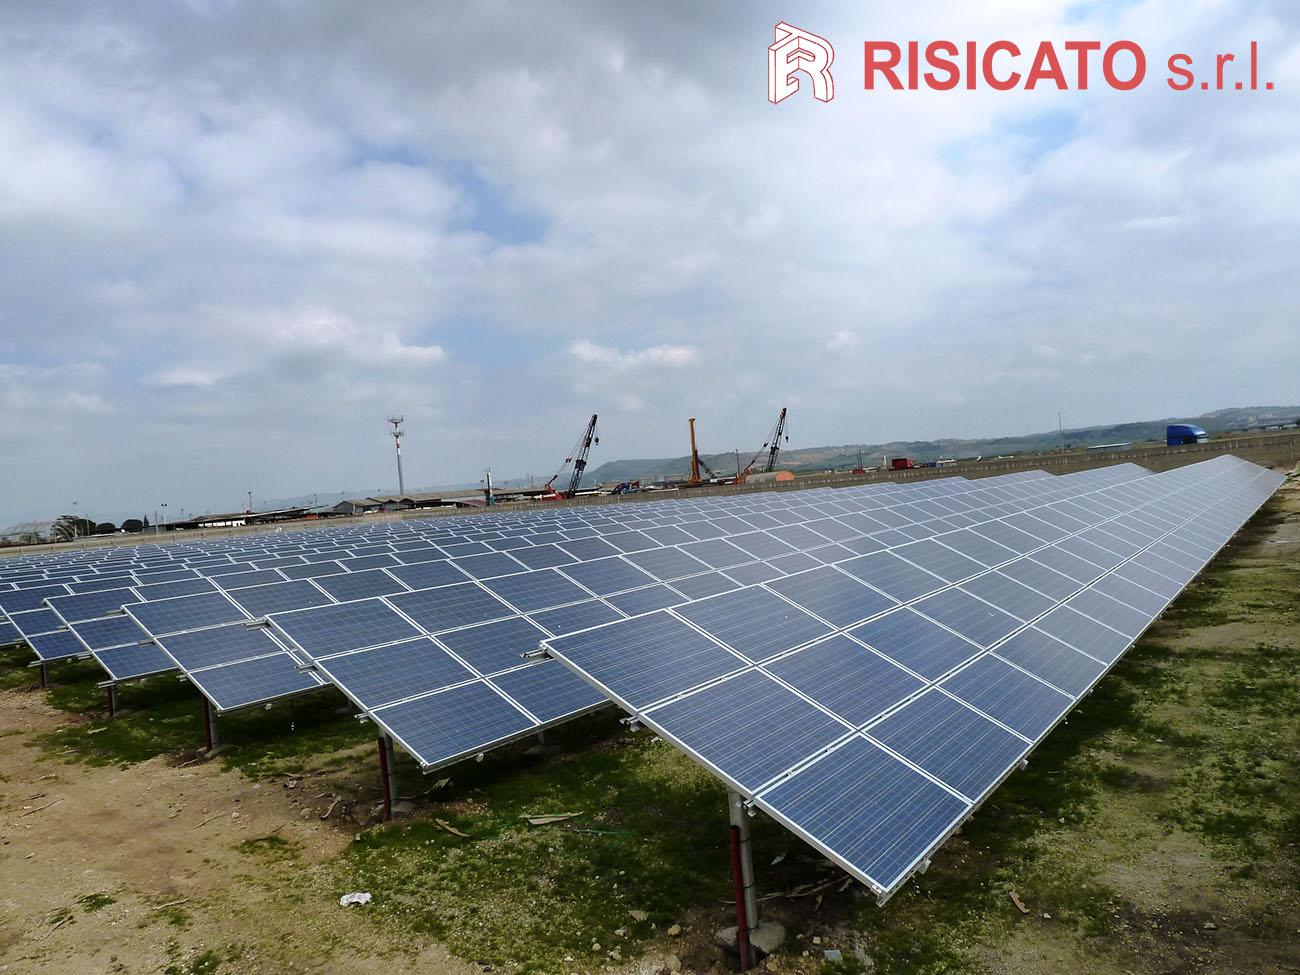 Impianto fotovoltaico_ Risicato Srl (5)